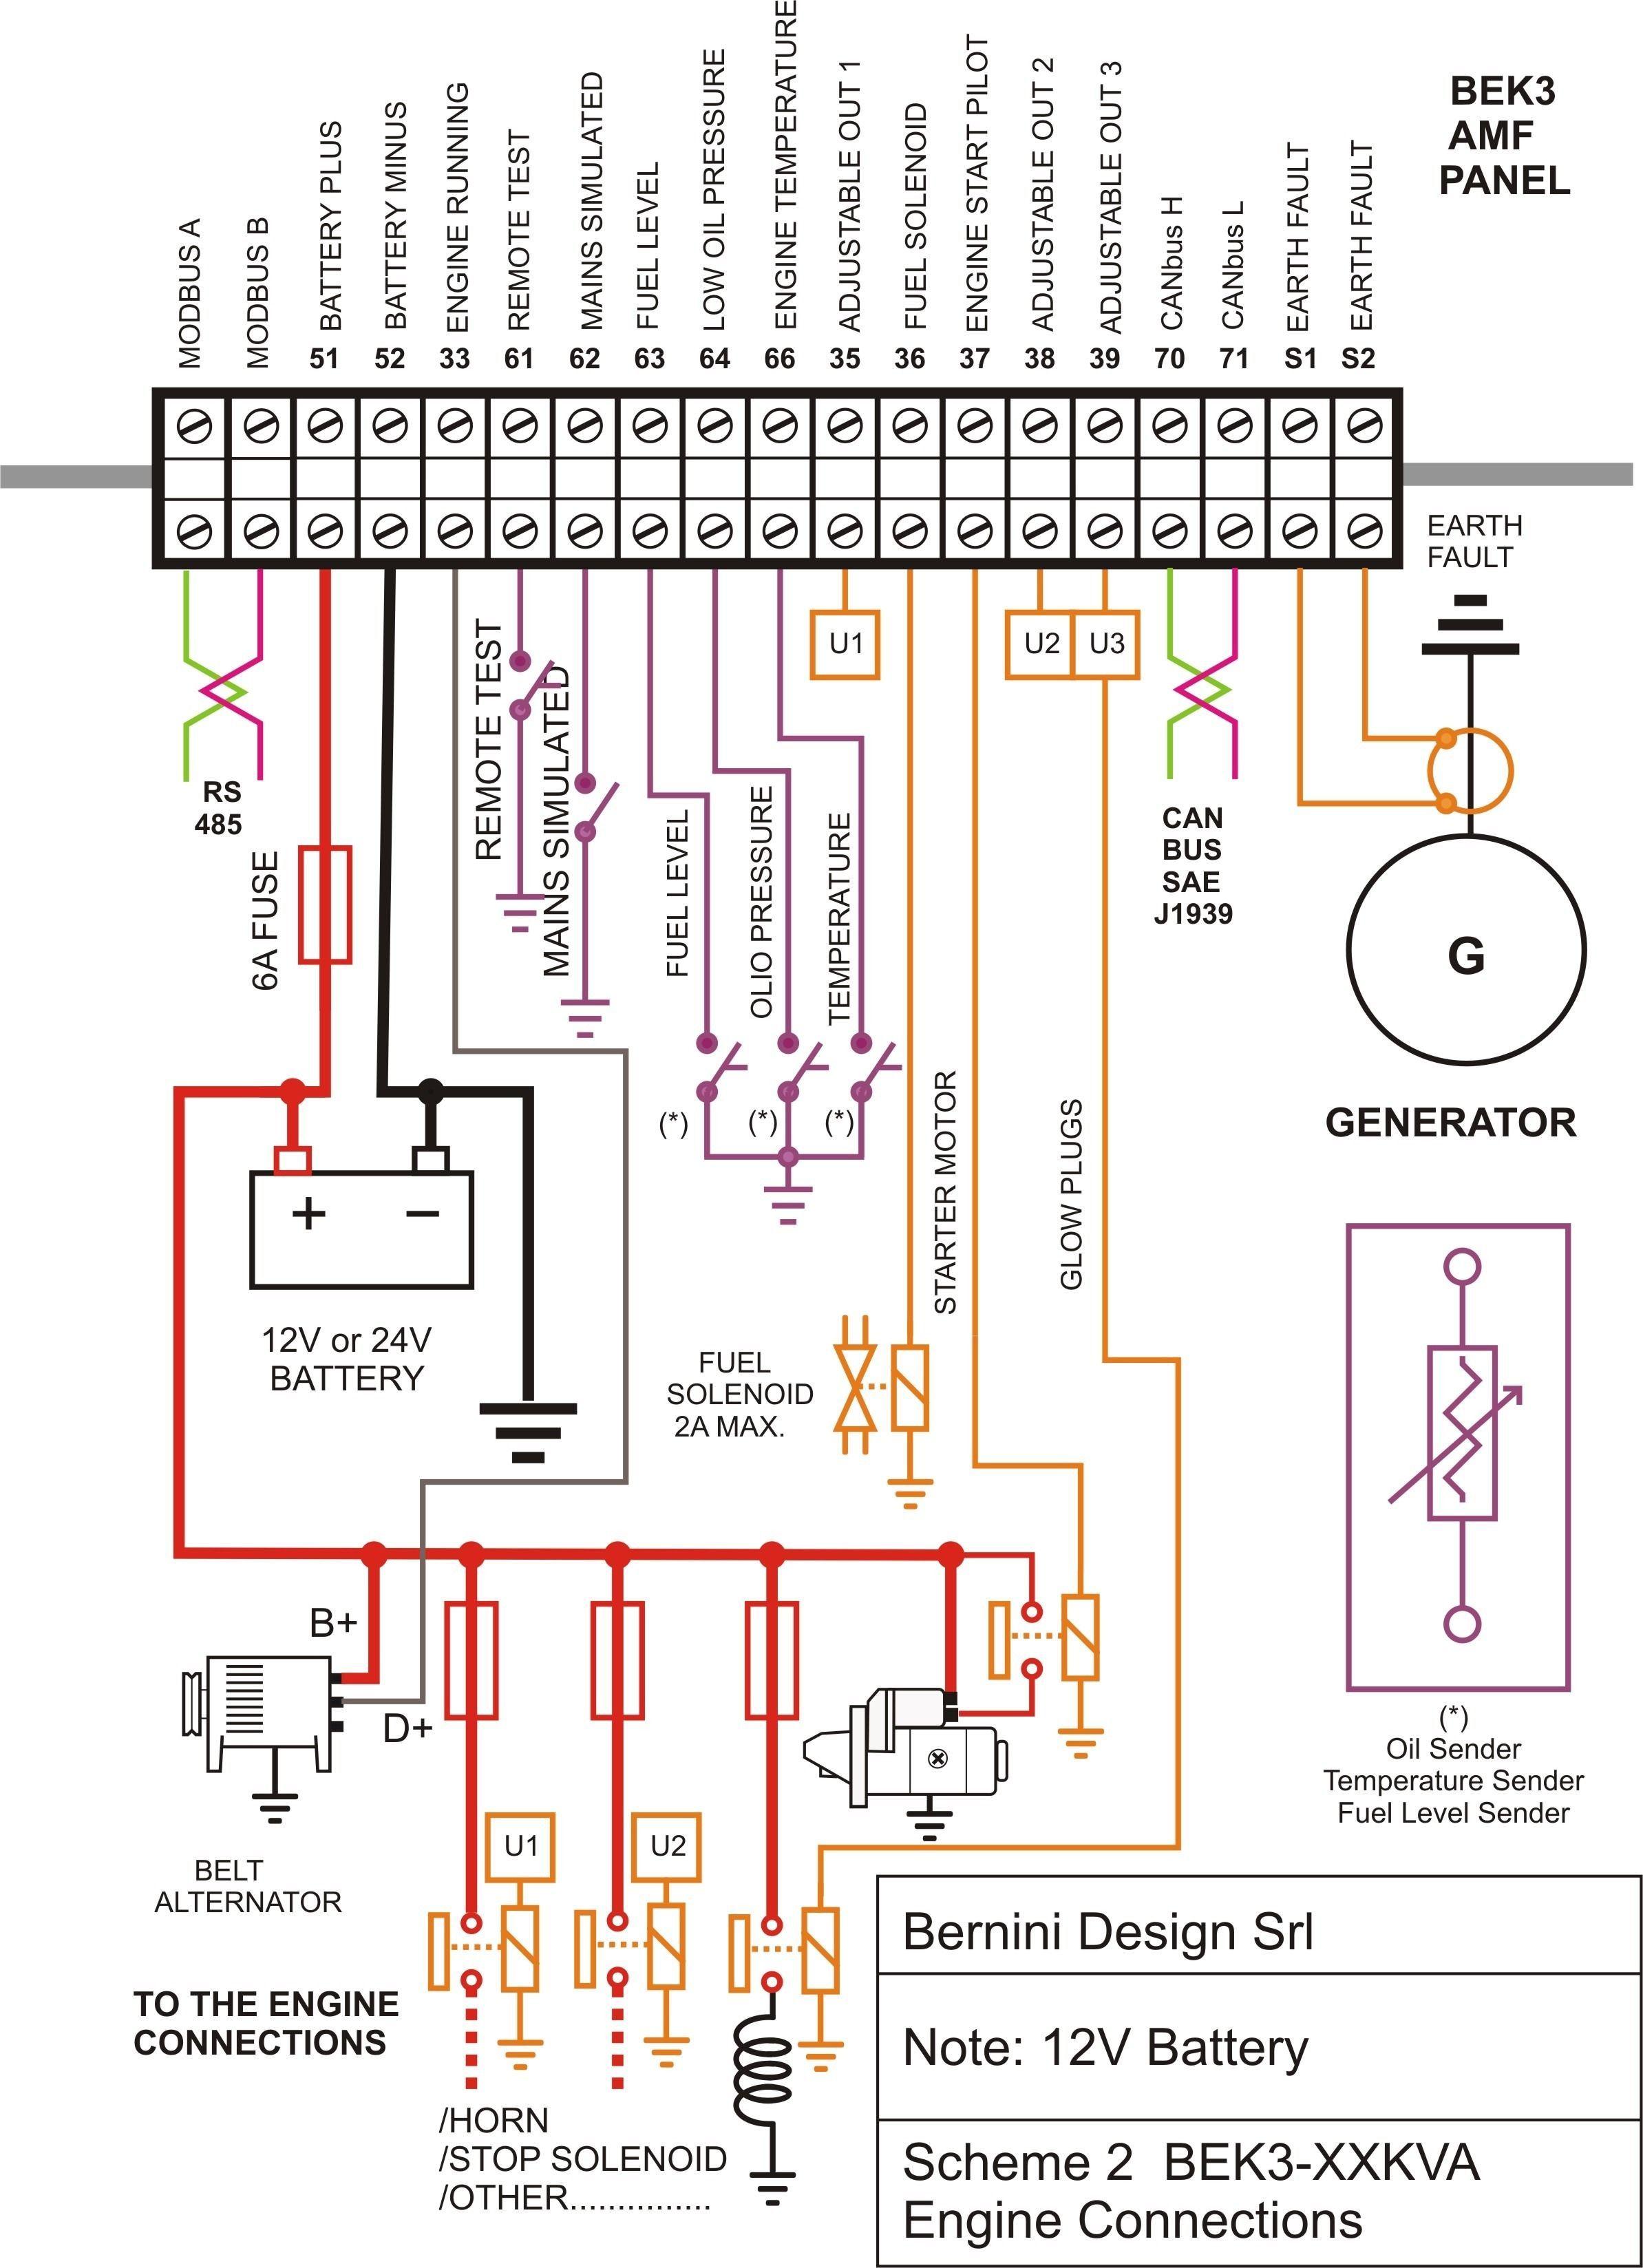 44 Luxury 11 Pin Relay Wiring Diagram Pdf Electrical Circuit Diagram Electrical Panel Wiring Basic Electrical Wiring